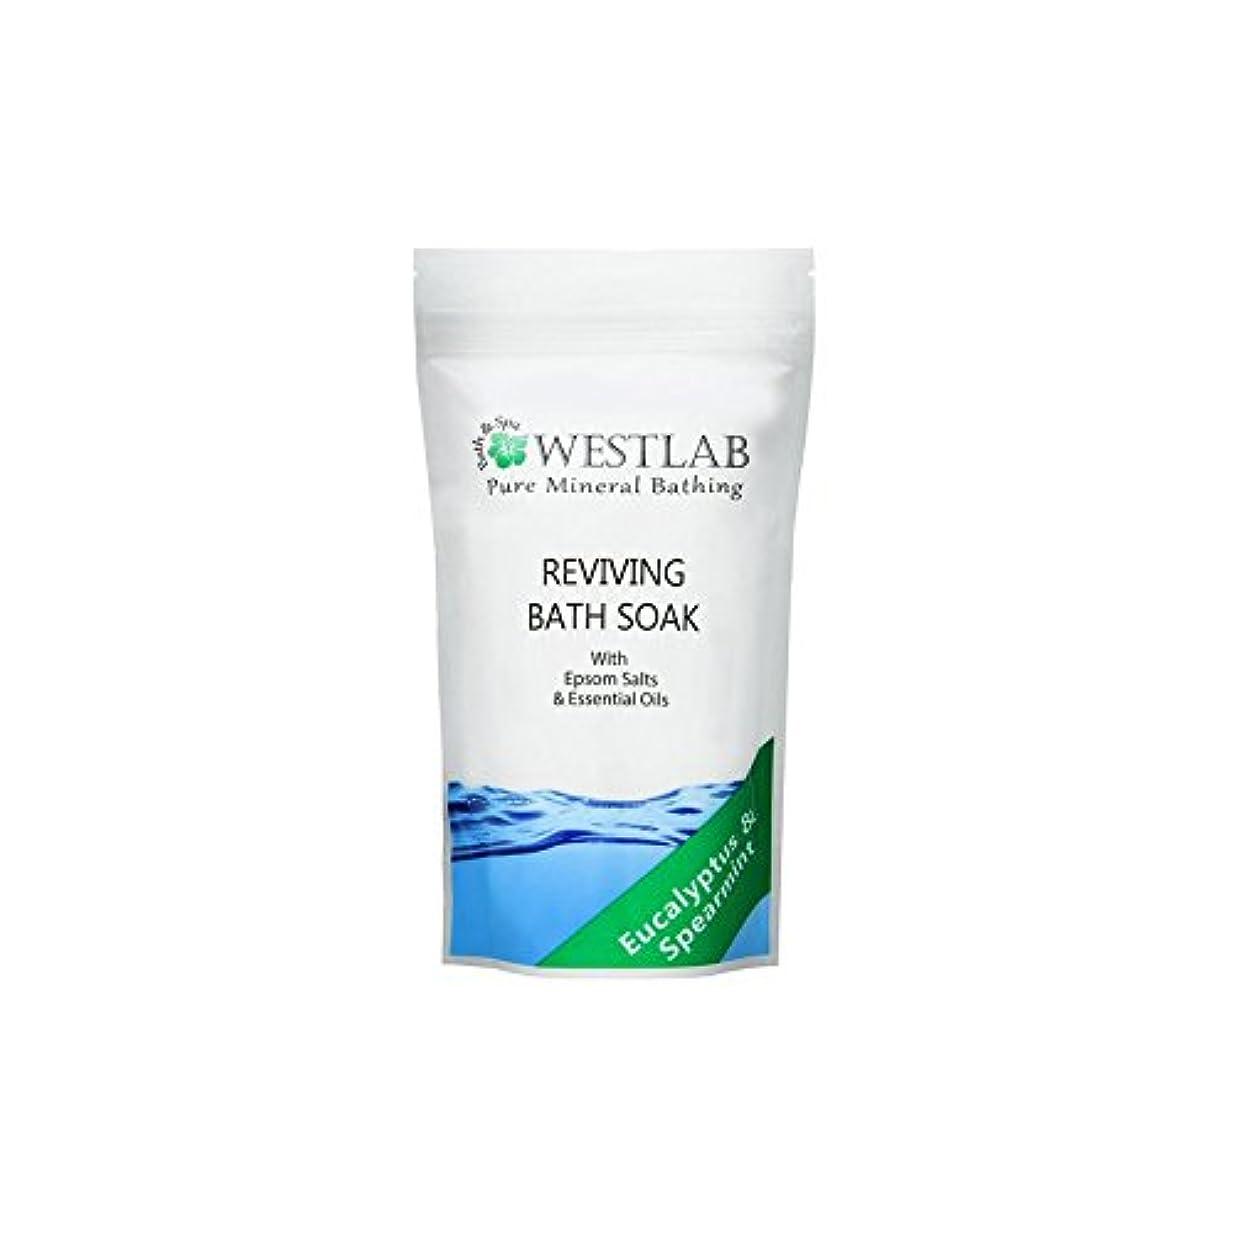 不良品記憶から(500グラム)をソークエプソム塩浴を復活させます x4 - Westlab Revive Epsom Salt Bath Soak (500g) (Pack of 4) [並行輸入品]